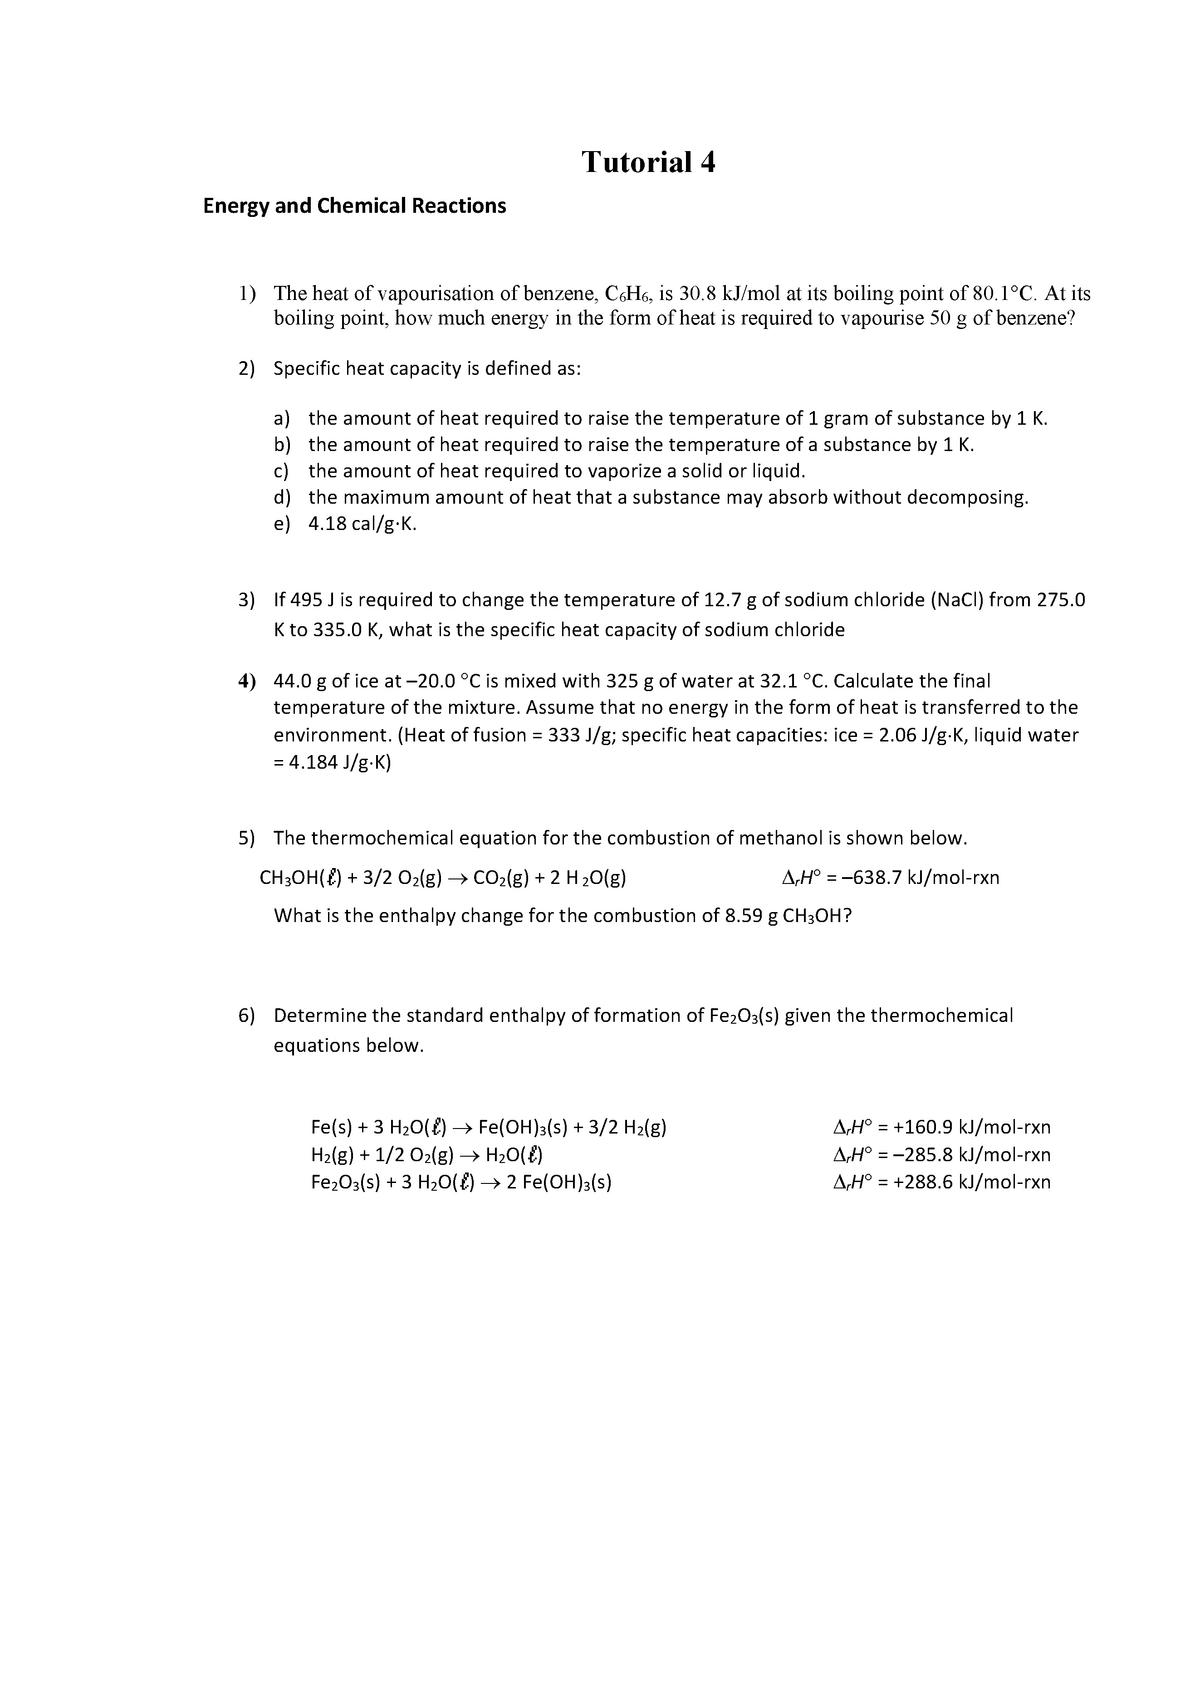 Tutorial 4 - CH101: Chemistry - StuDocu